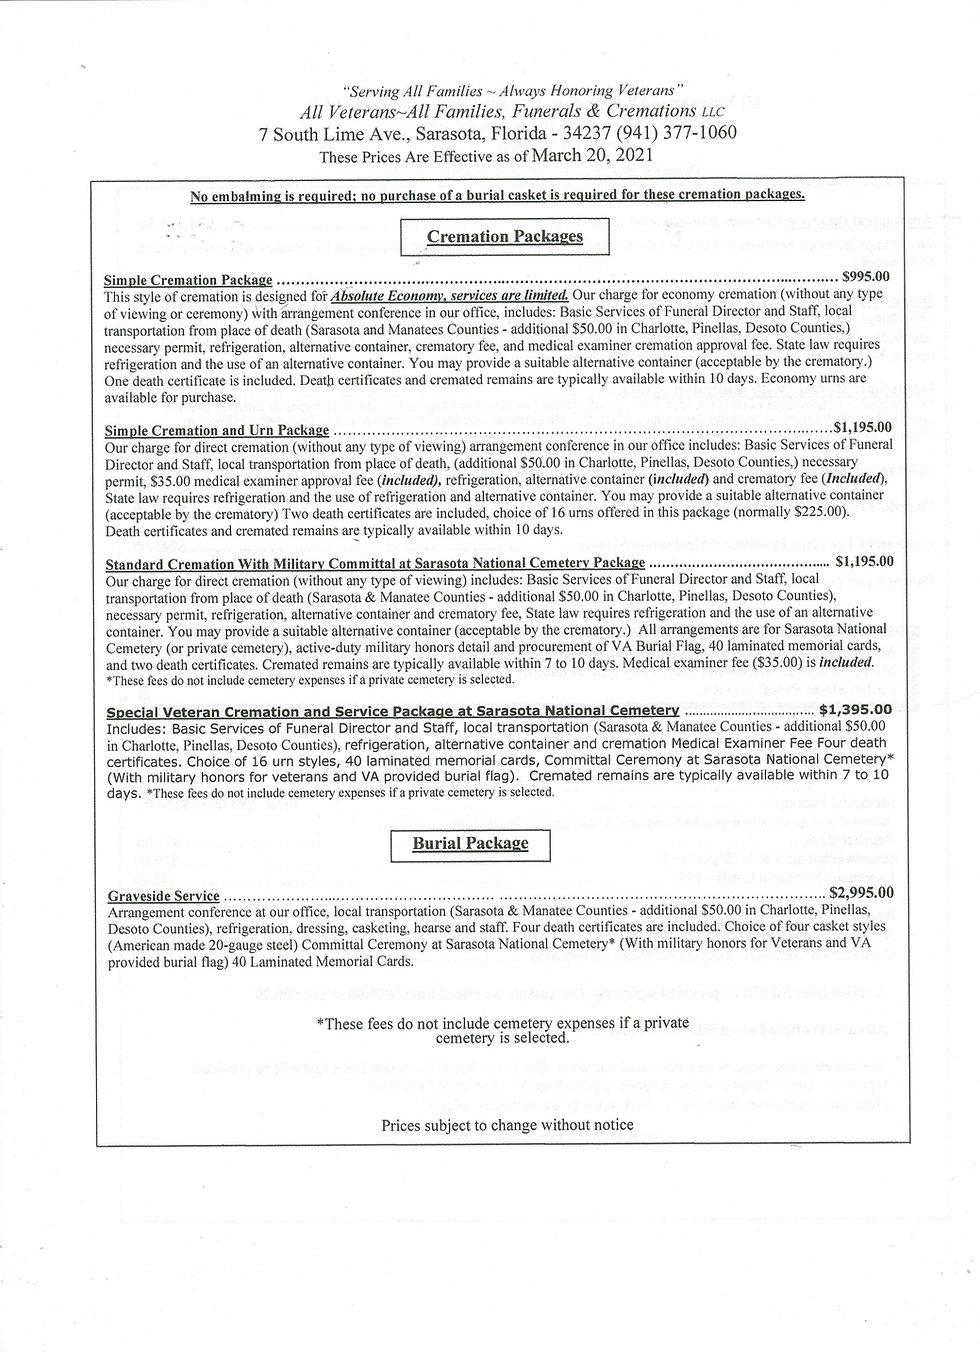 GPL Page 4.jpg